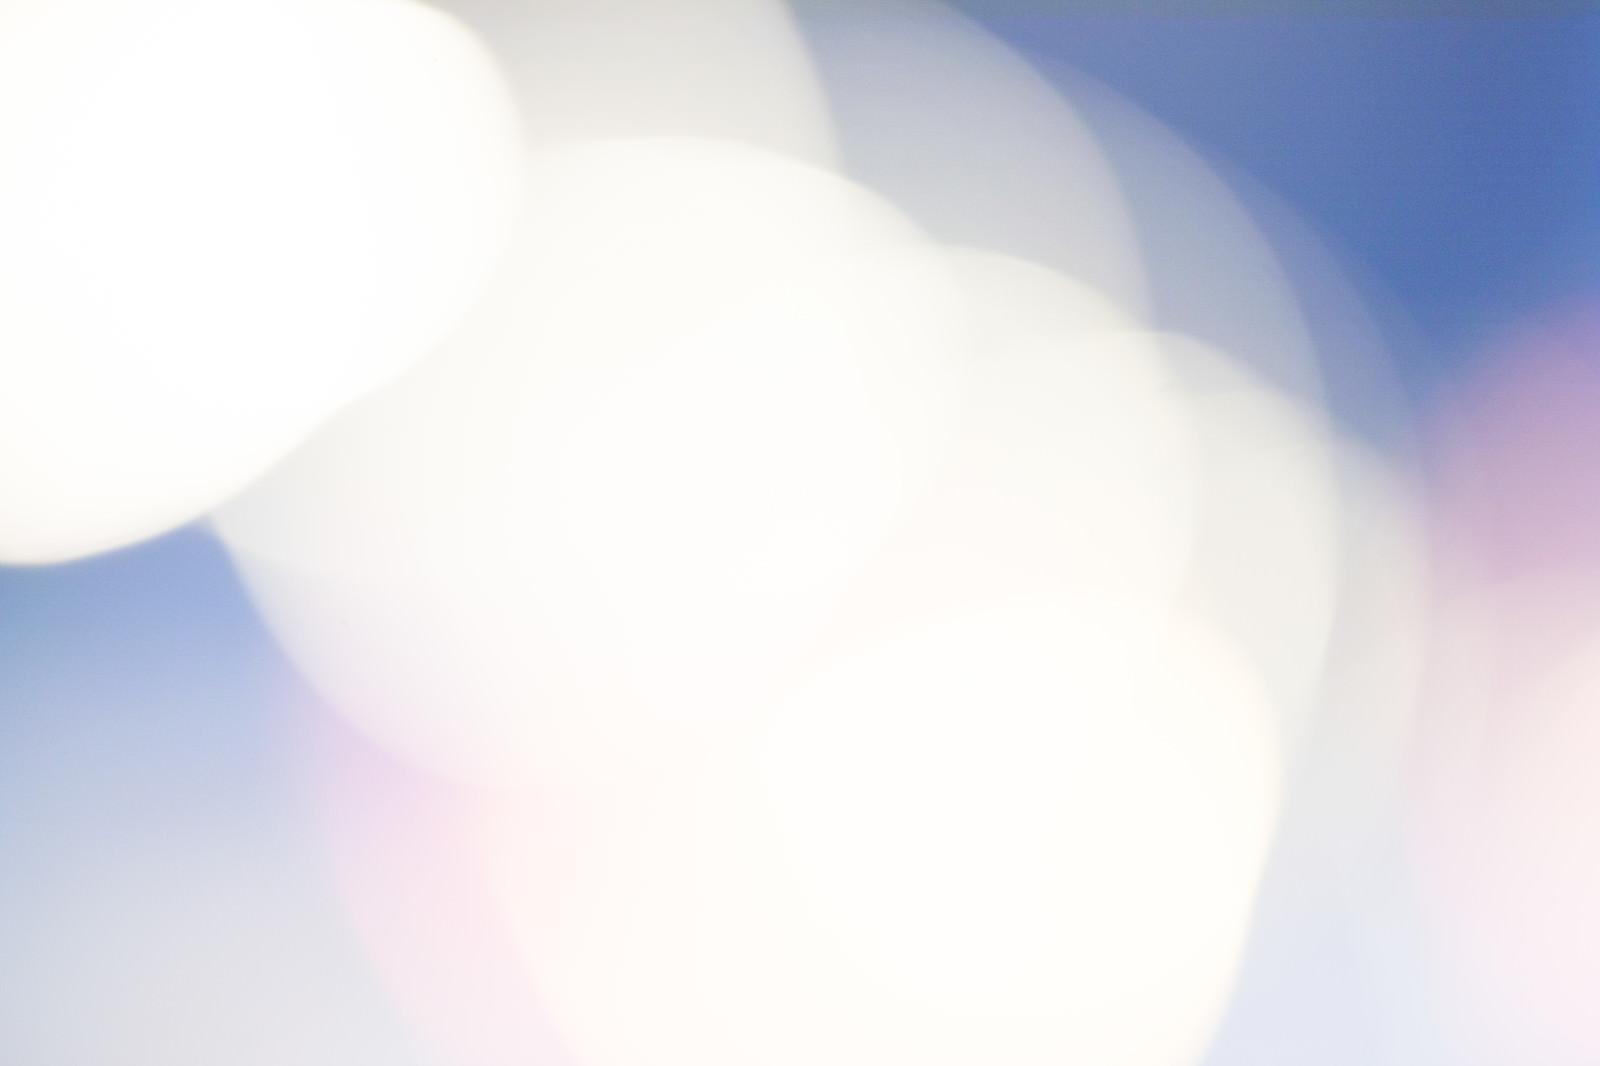 「スライドの背景にしやすい寒色のボケた光スライドの背景にしやすい寒色のボケた光」のフリー写真素材を拡大